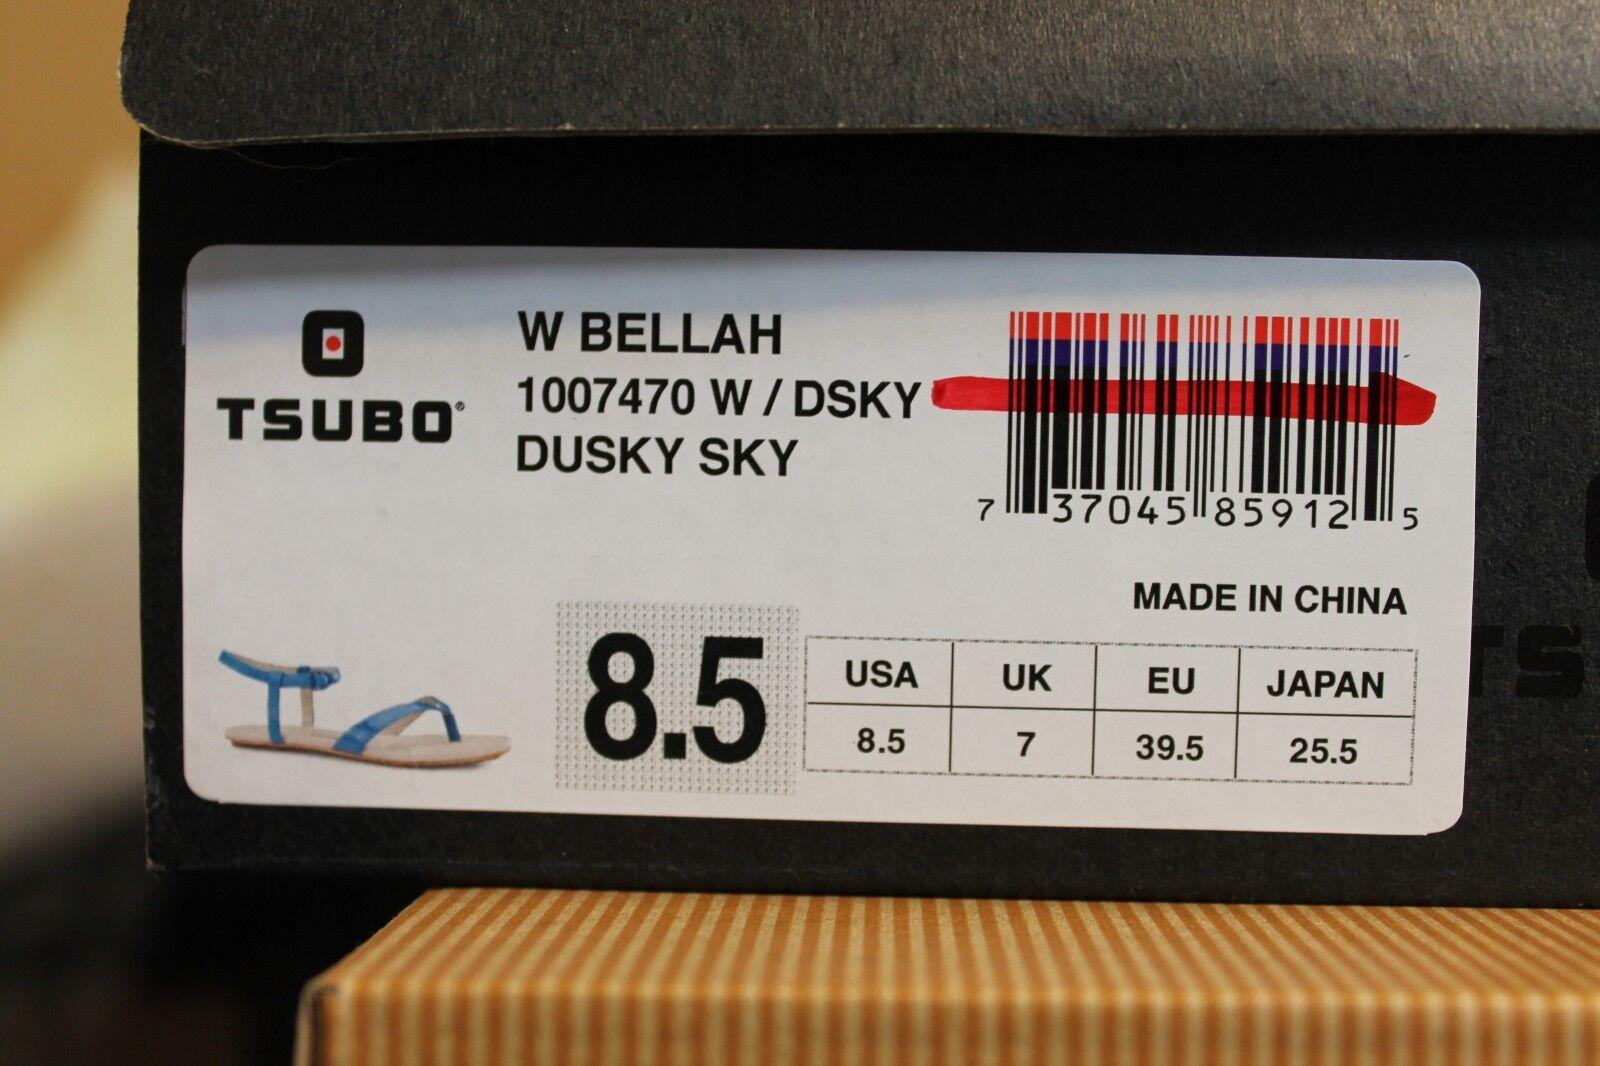 TSUBO BELLAH DUSKY SIZE SKY LEATHER STRAP FLIP FLOPS WOMENS SIZE DUSKY 8.5 US 6f0e89